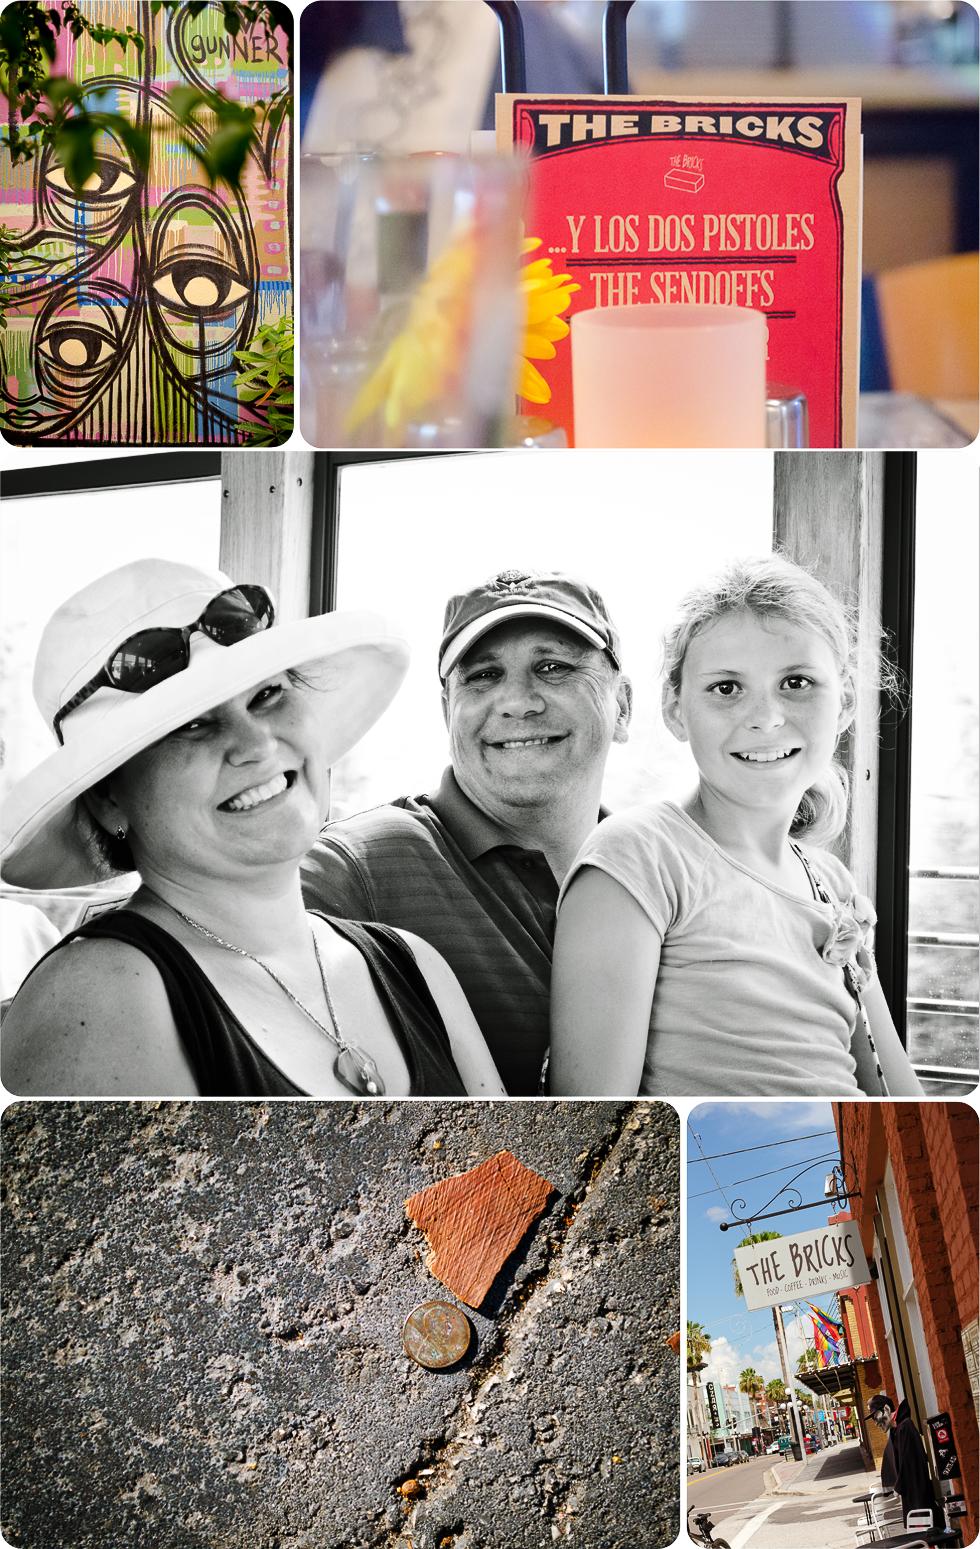 Collage Ybor City, trolley, Th  Bricks of Ybor